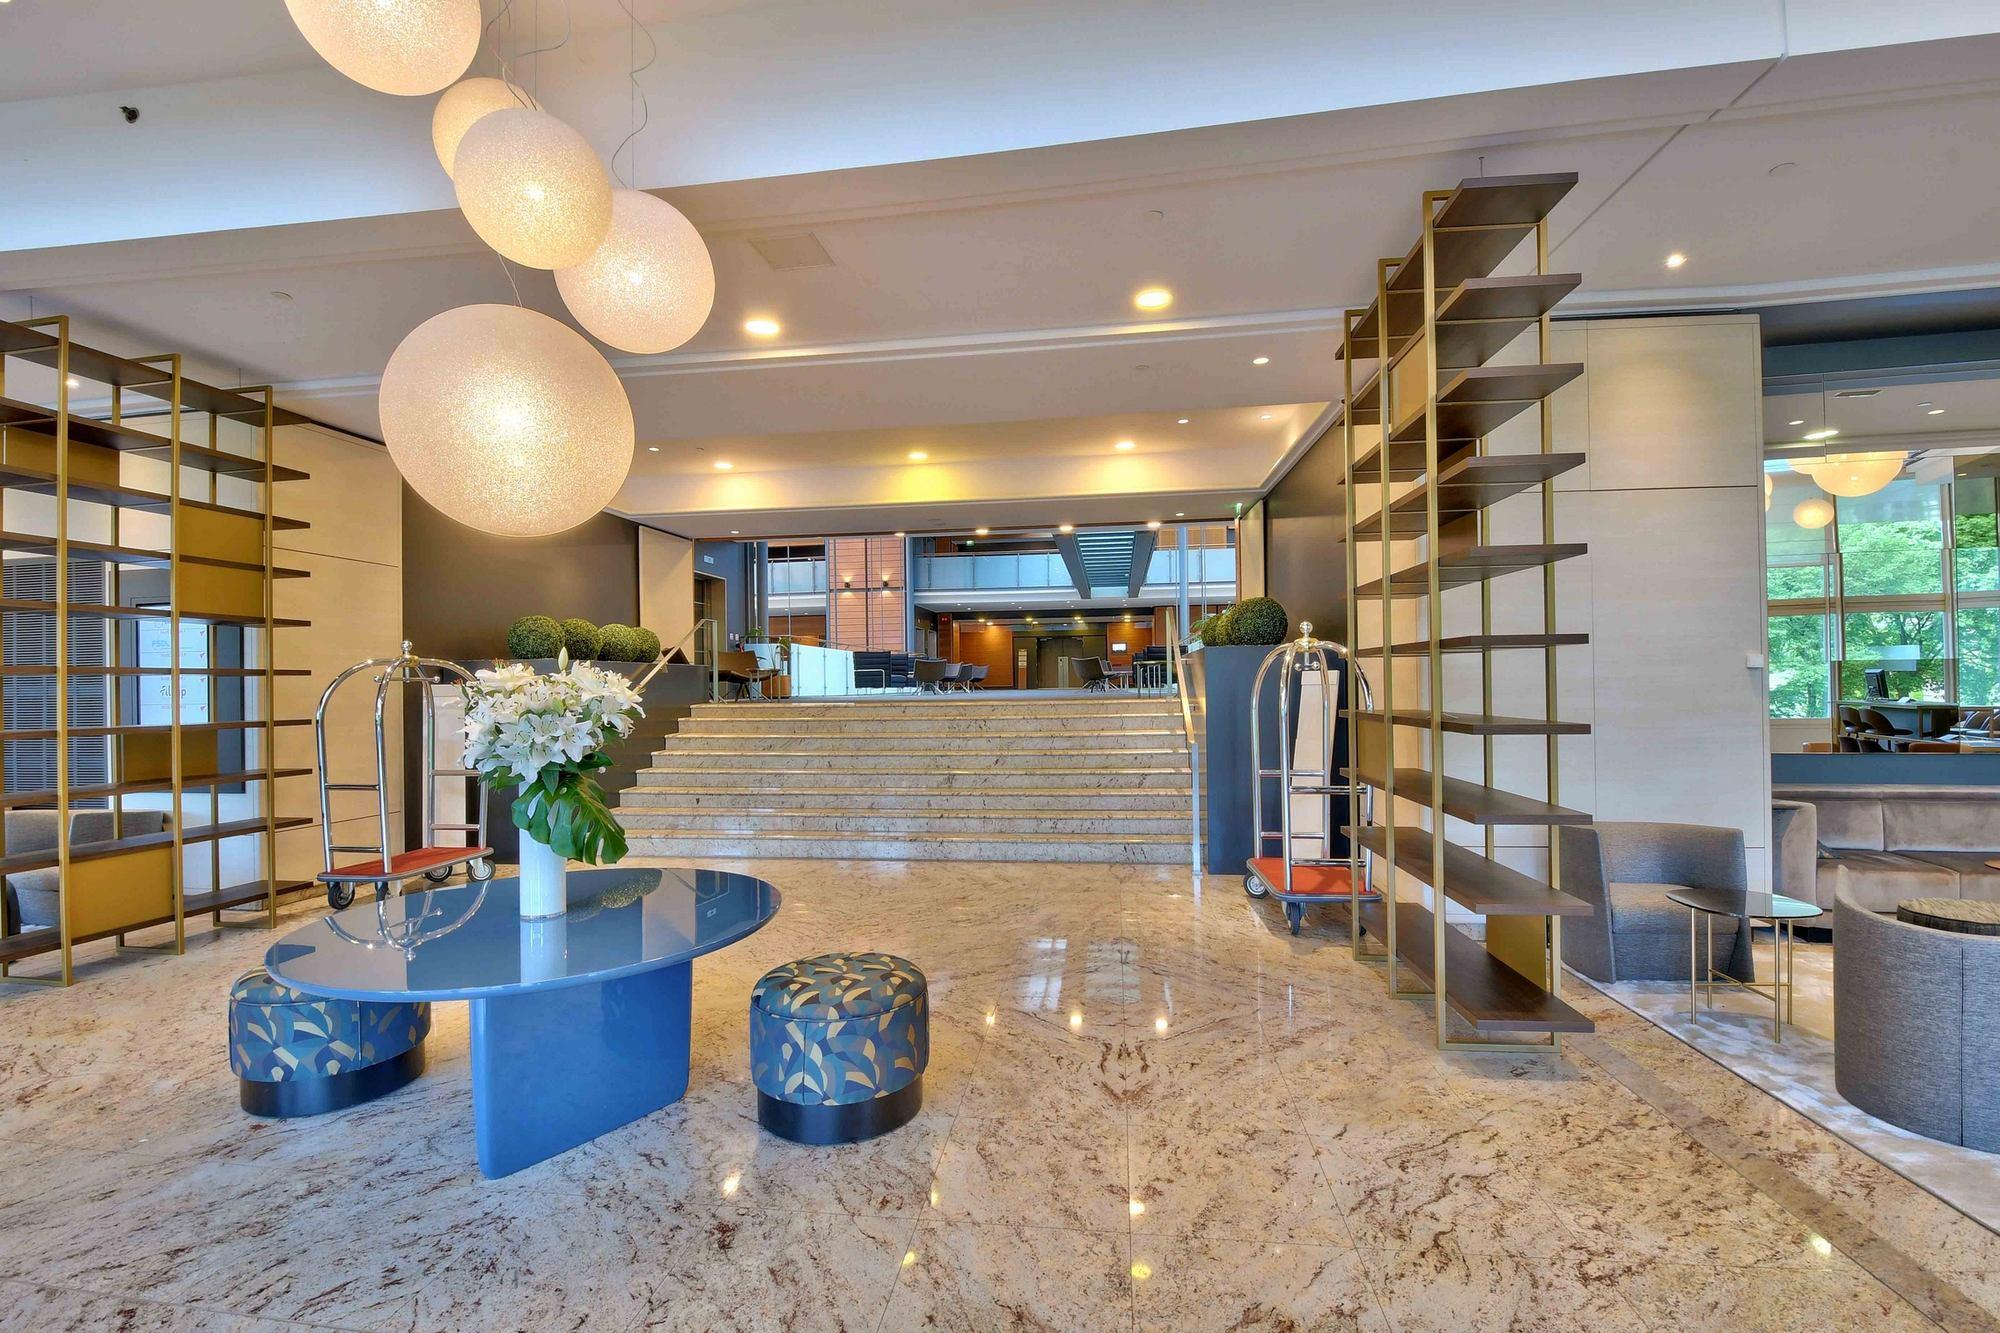 PHOTOS IMMOBILIER Marriott Accueil Hotel Cité Internationale Lyon 69006